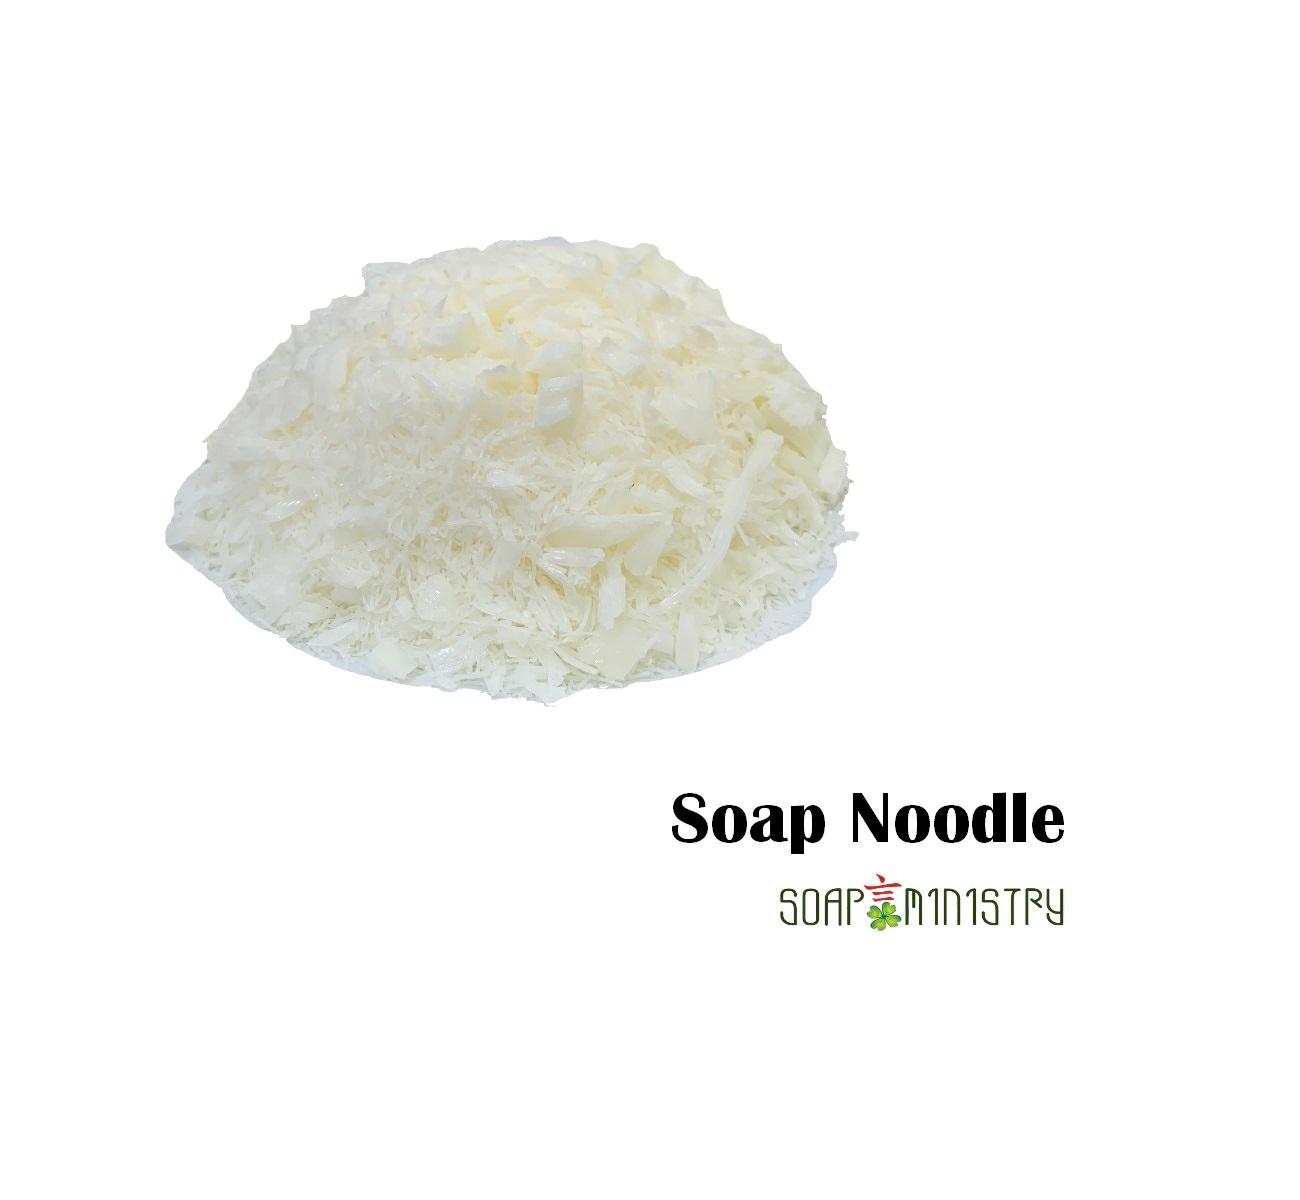 Soap Noodle 500g